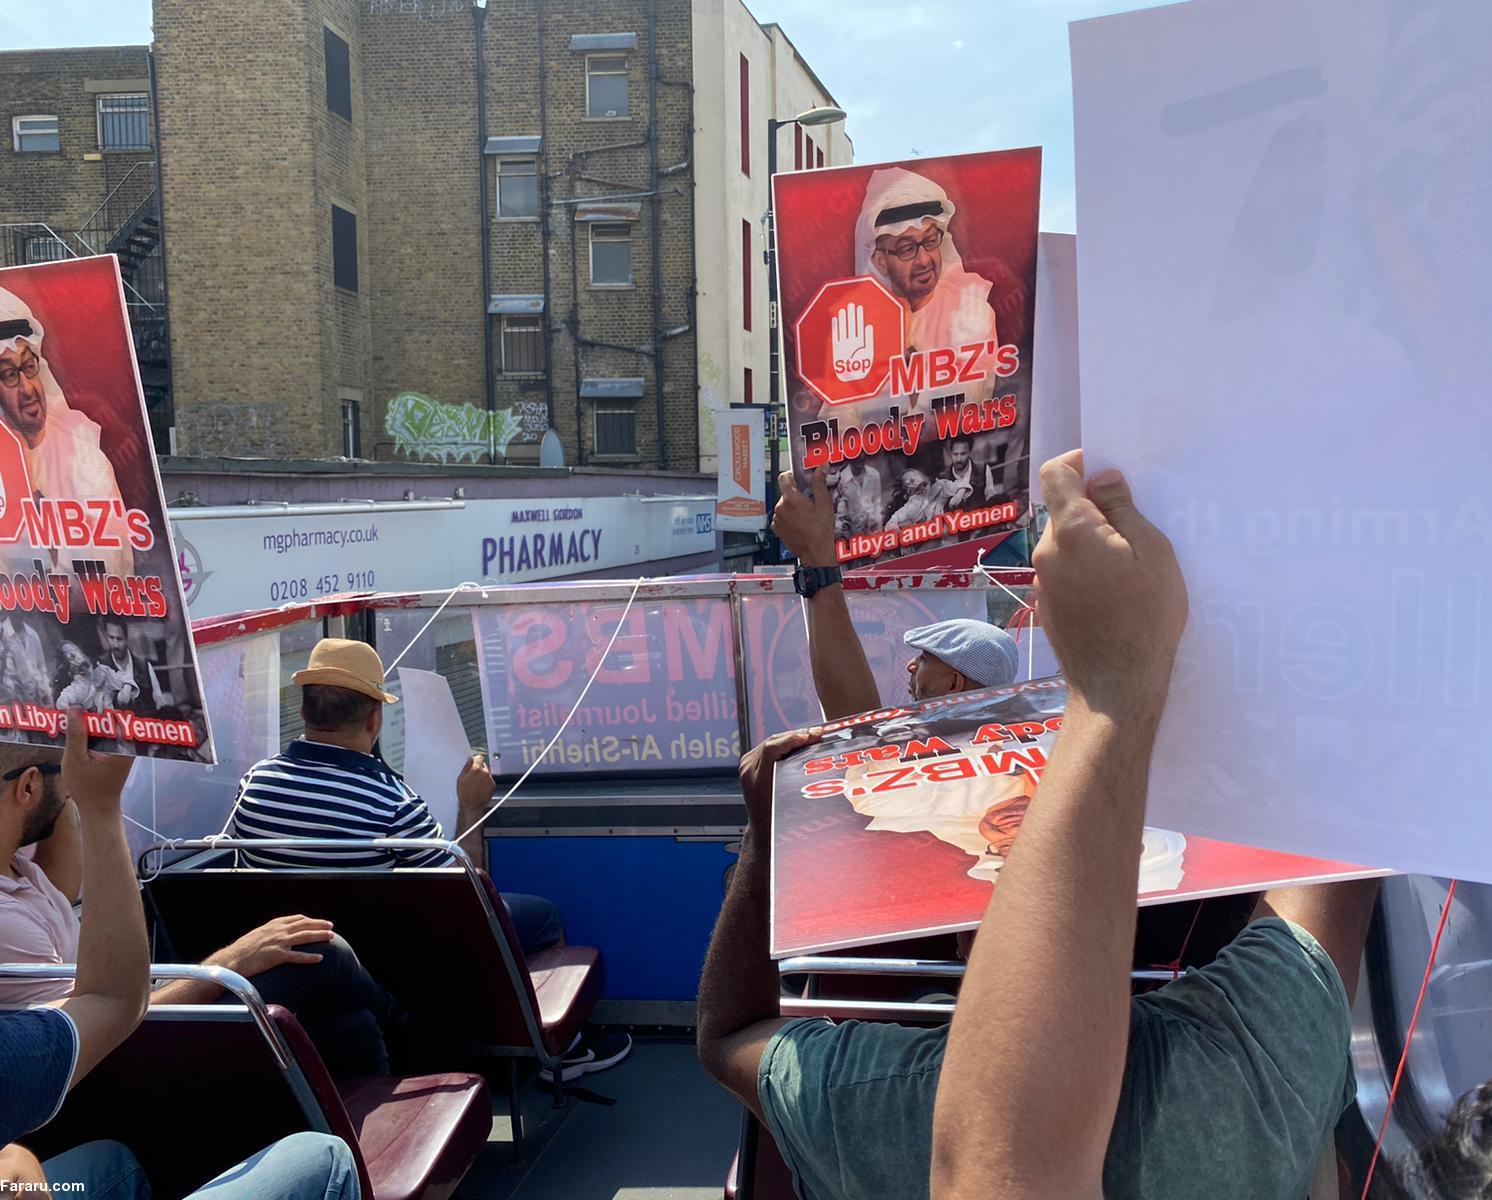 تظاهرات لندنیها برای توقف جنگ یمن+ تصاویر